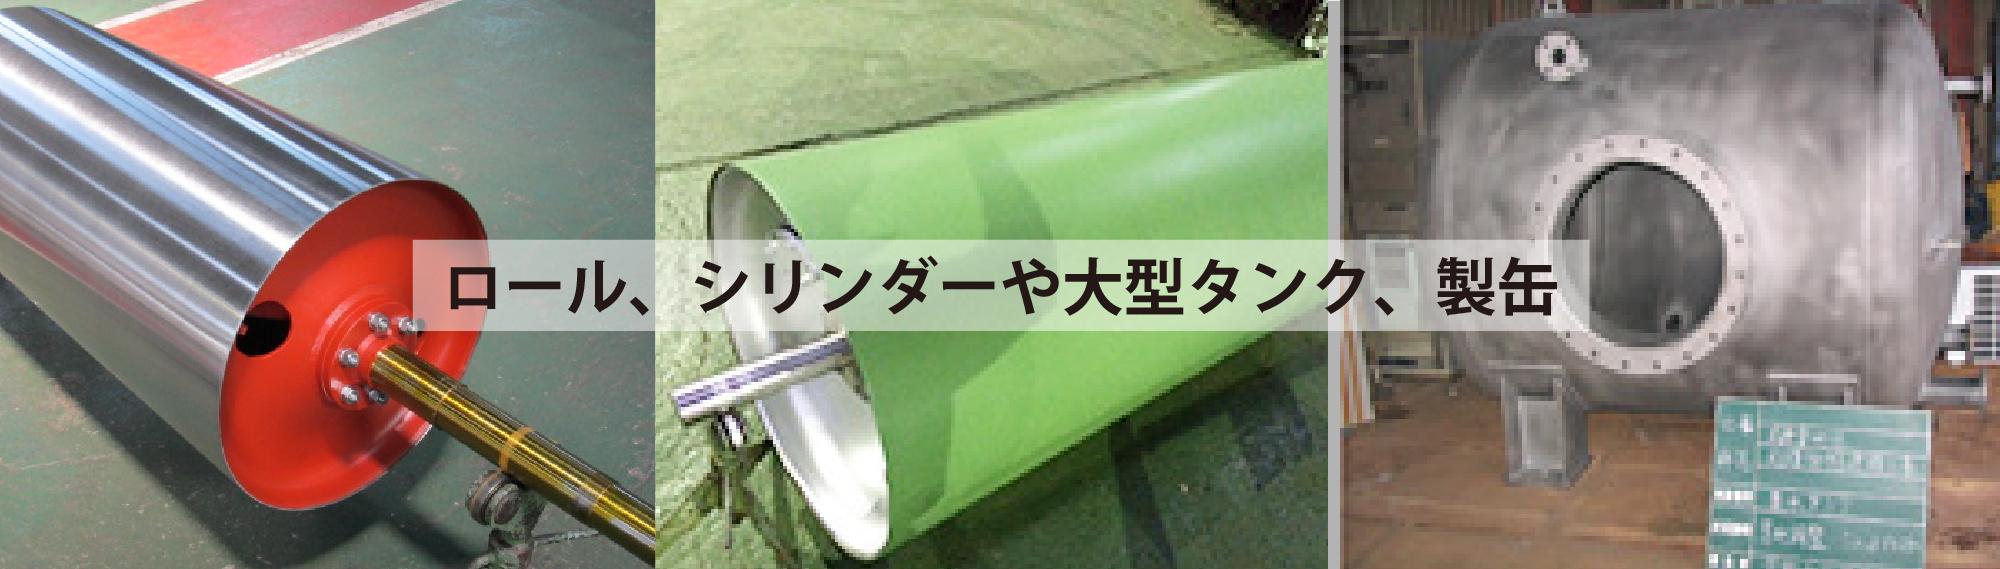 ロールシリンダーや大型タンク、製缶